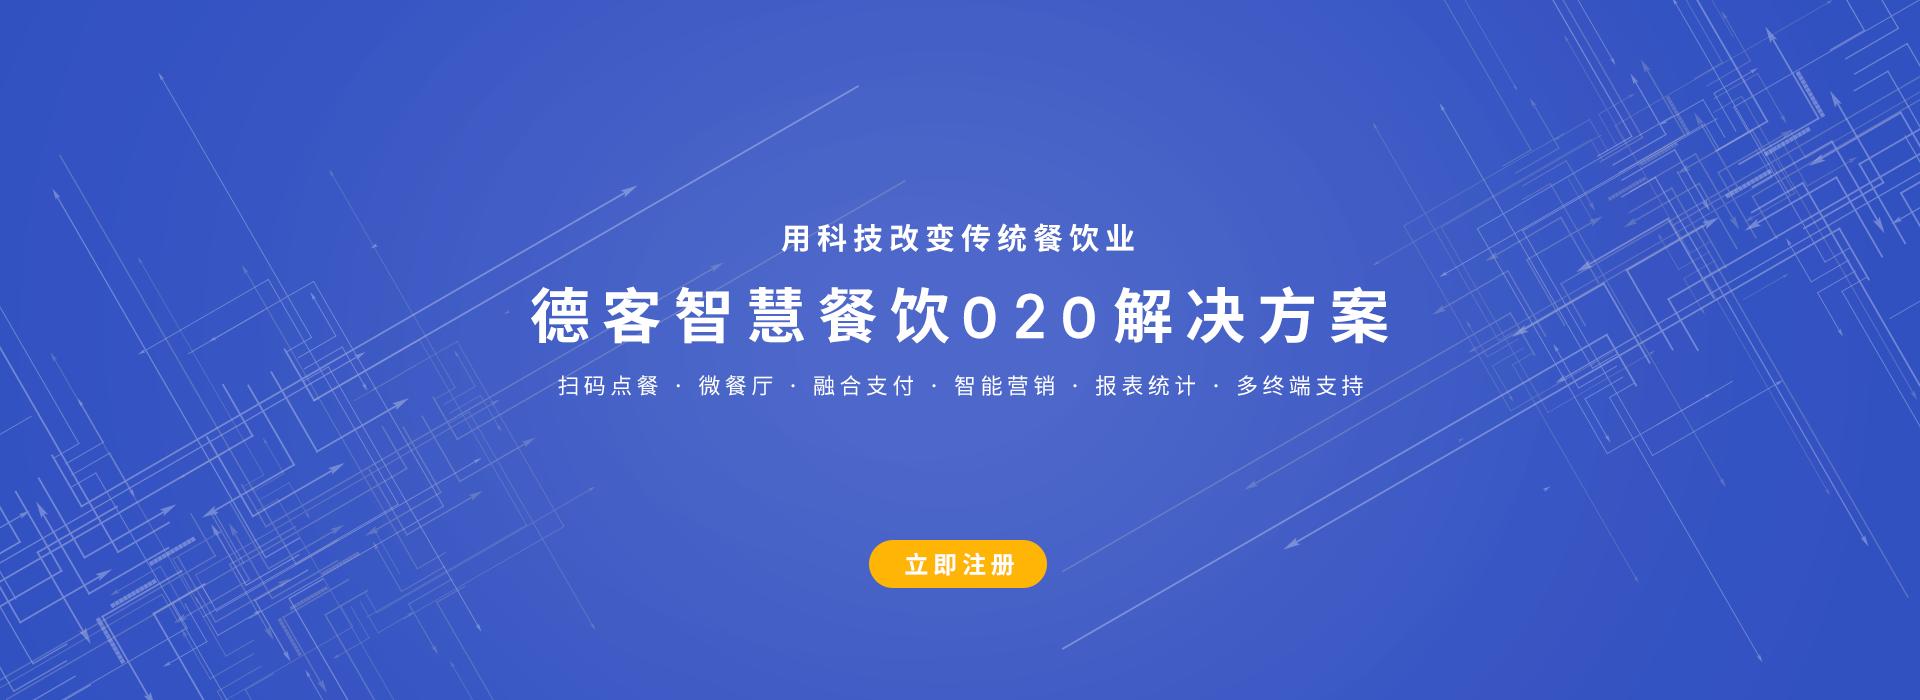 餐饮o2o营销方案